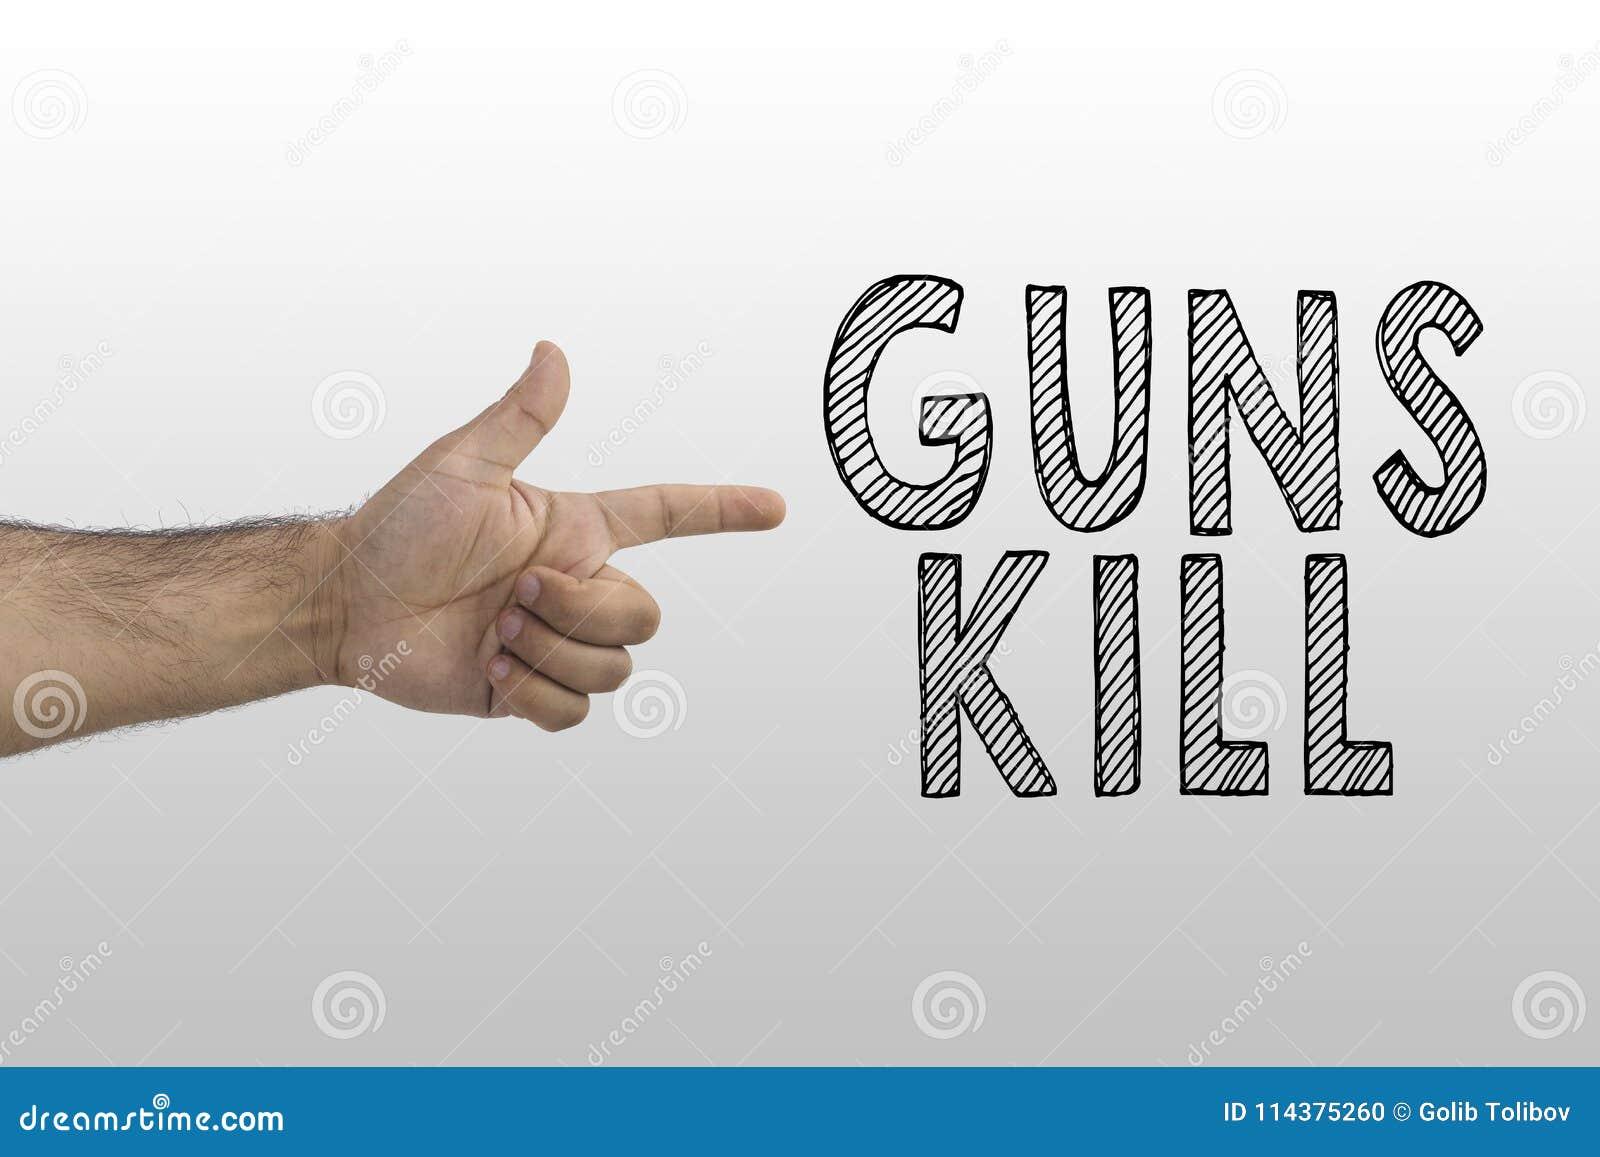 与题字的手枪姿态在梯度背景:枪杀害 枪枝管制标志概念